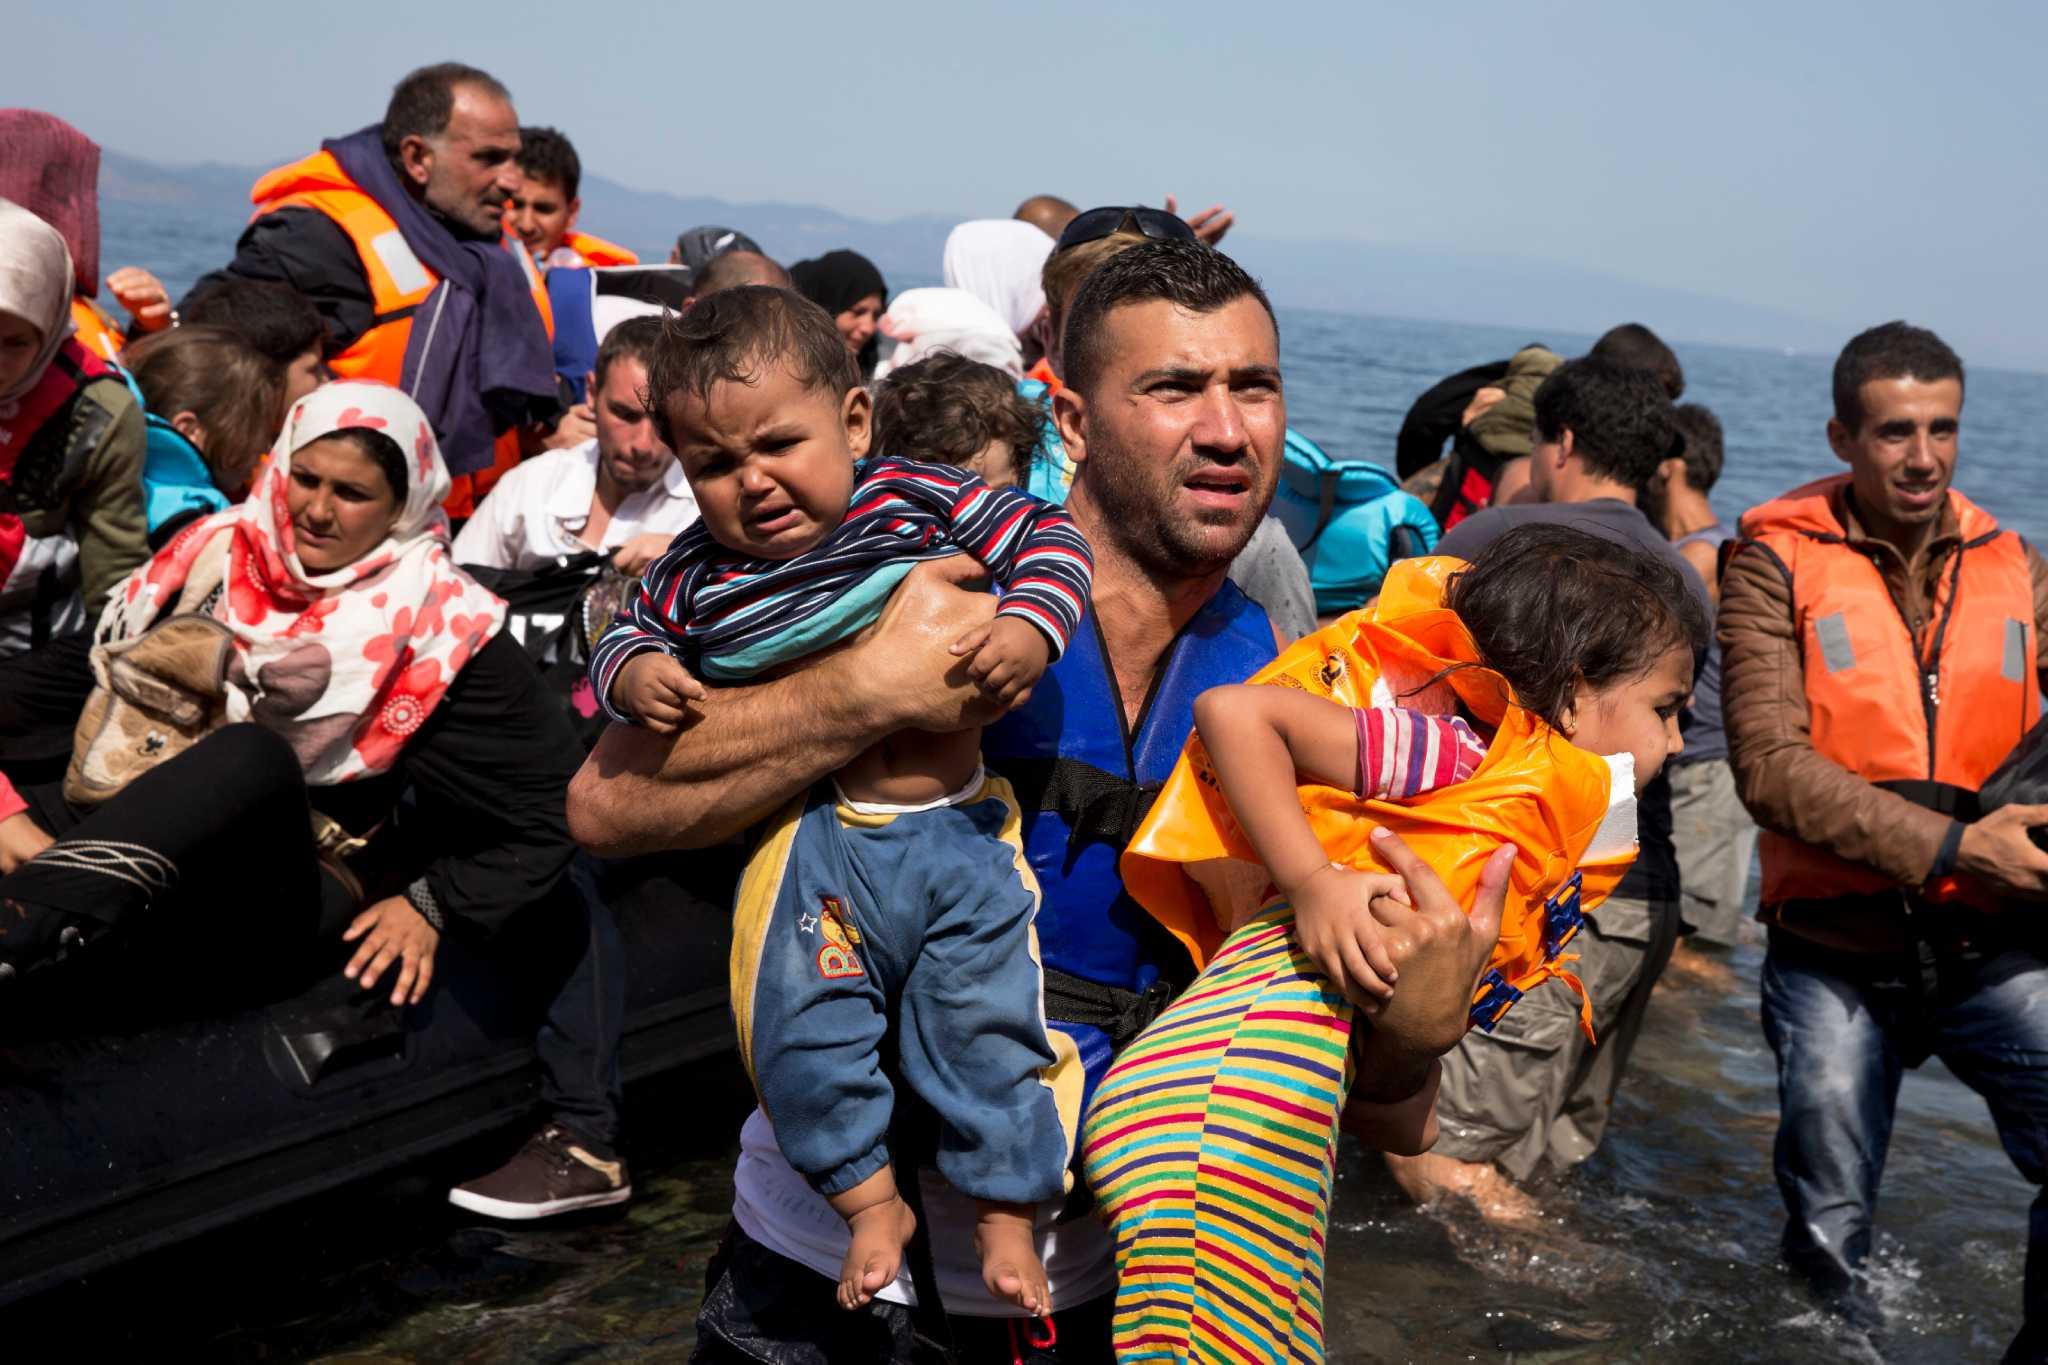 беженцы с россии в европу отзывы фото значительно